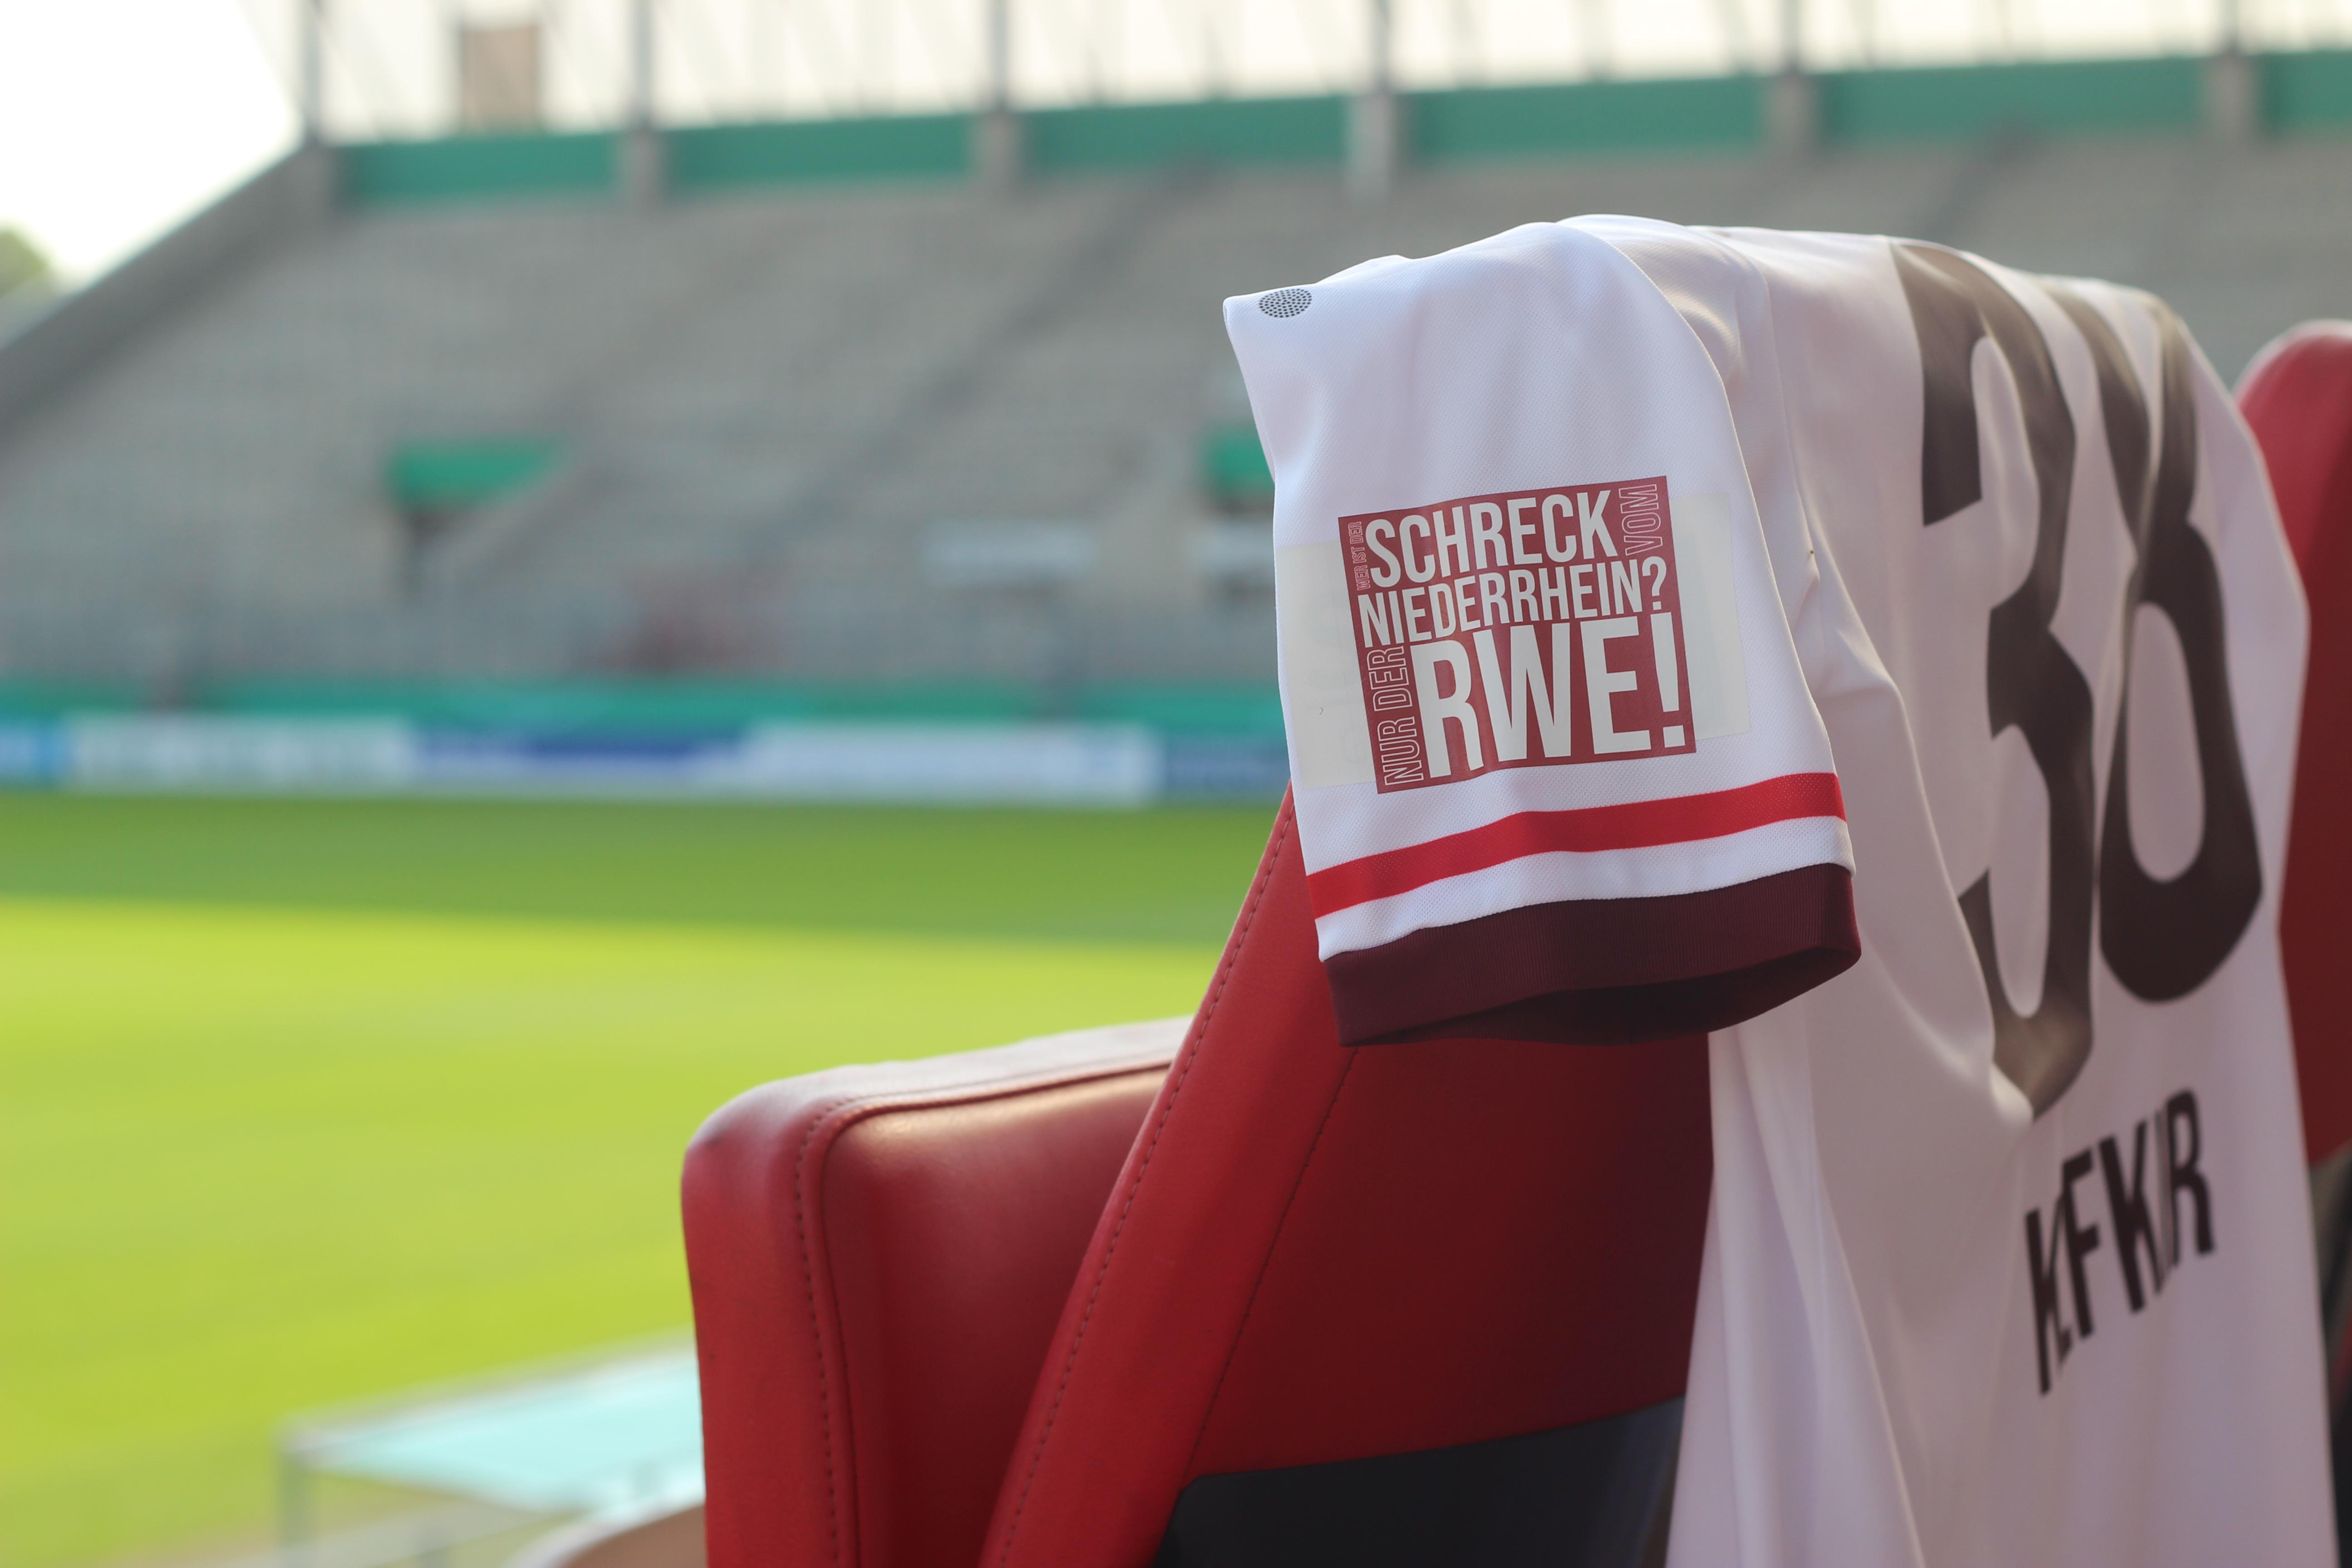 Der legendäre Leitsatz auf dem Arm, ermöglicht durch einen rot-weissen Fan. (Foto: RWE)